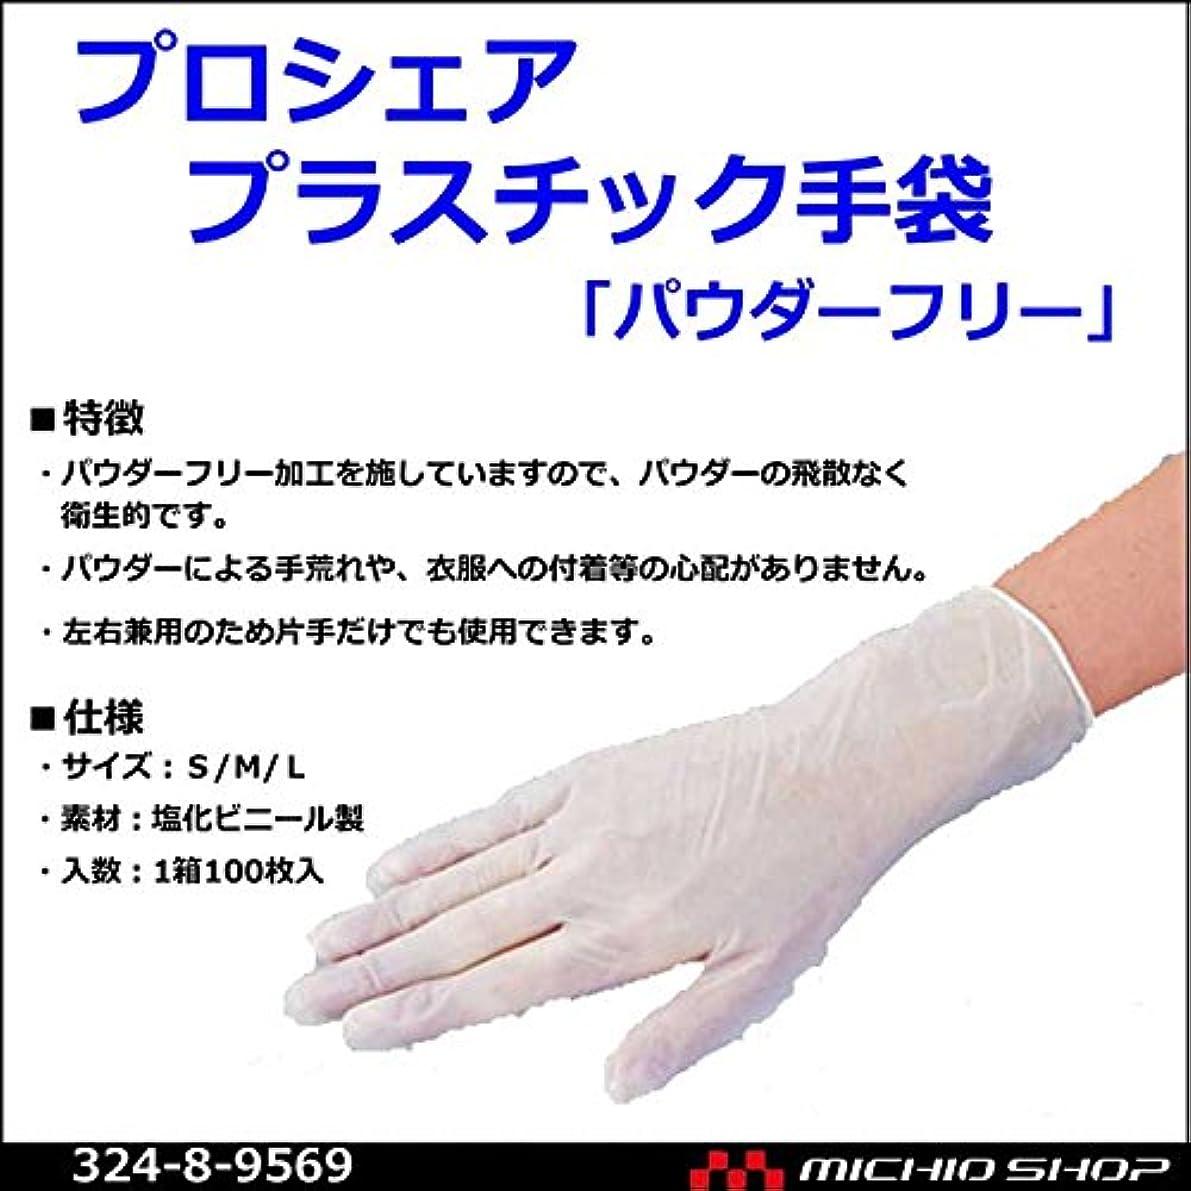 競争ハンバーガー区別アズワン プロシェアプラスチック手袋 100枚入 8-9569 02 M